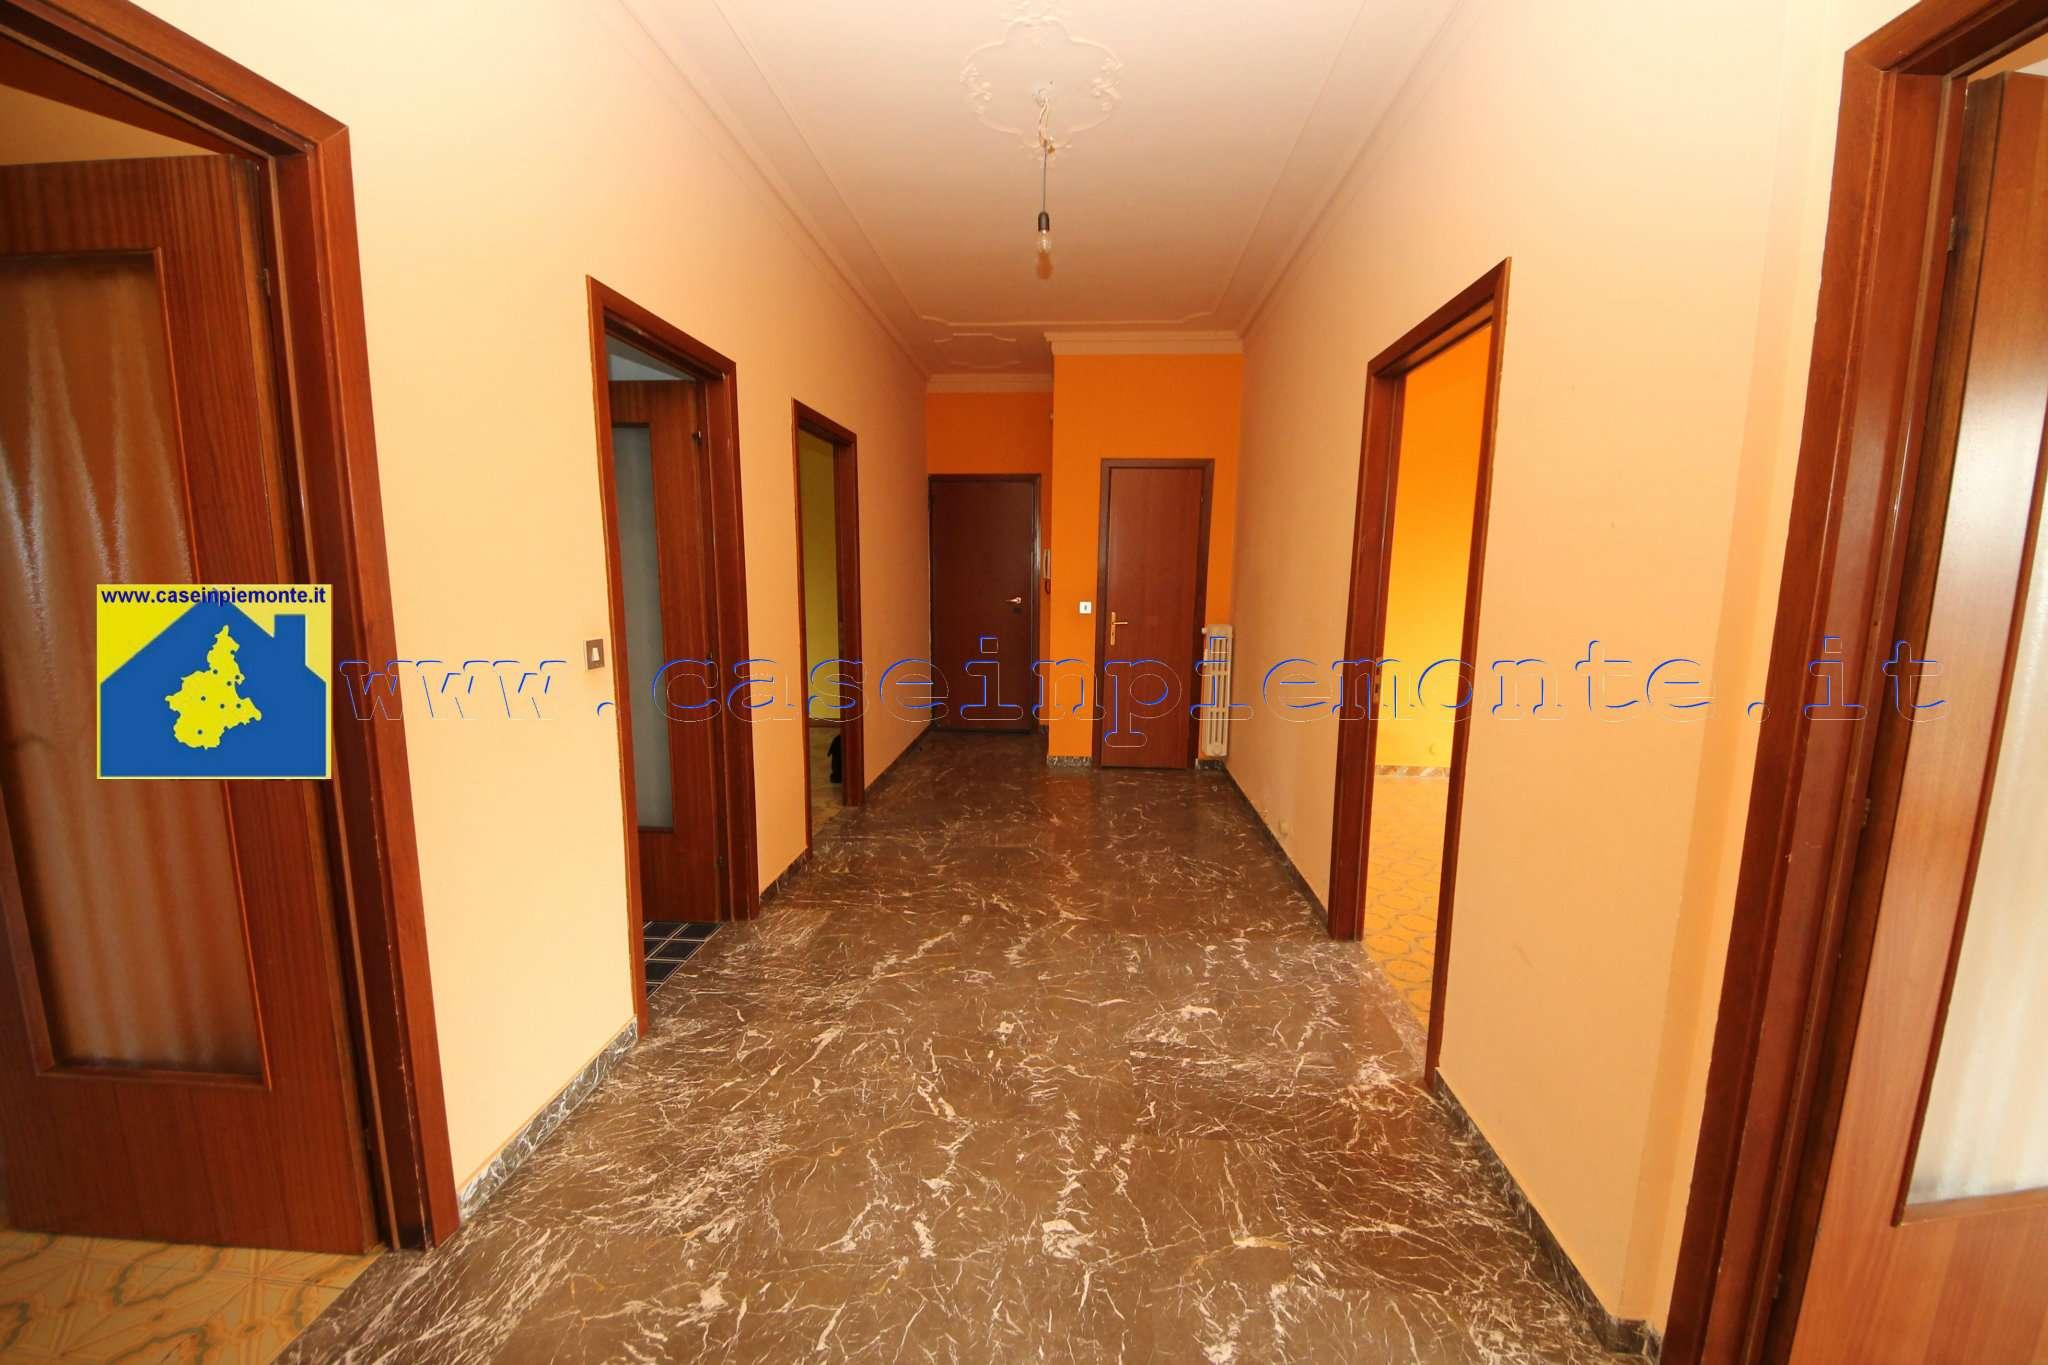 Appartamento in vendita a Rivoli, 6 locali, prezzo € 198.000 | CambioCasa.it